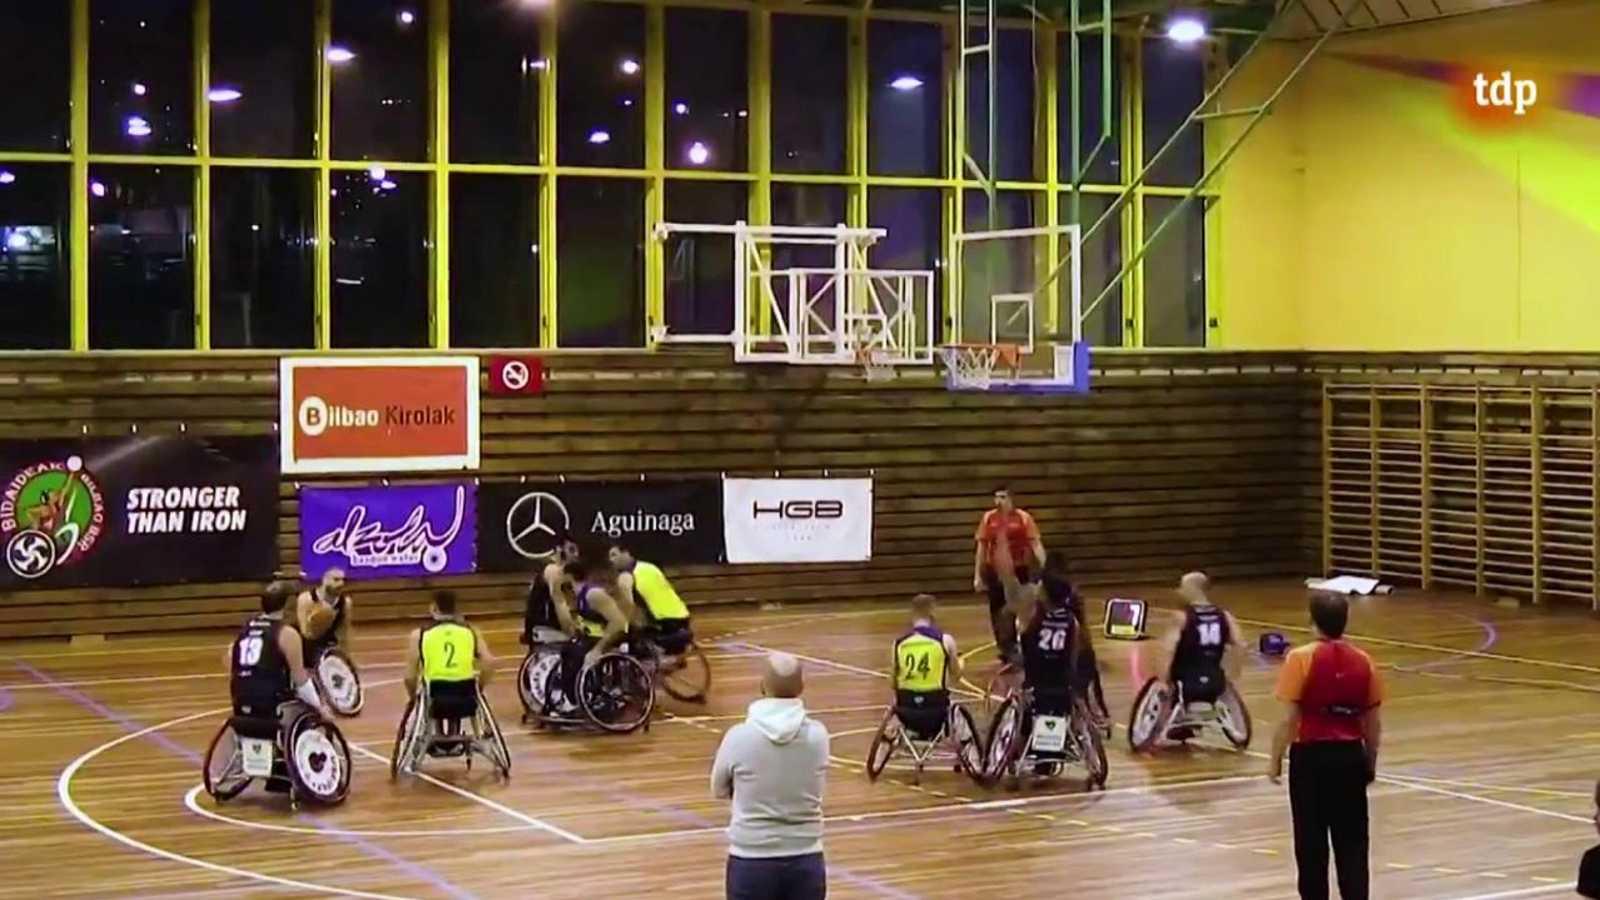 Baloncesto en silla de ruedas - Liga BSR División de honor. Resumen Jornada 10 - ver ahora